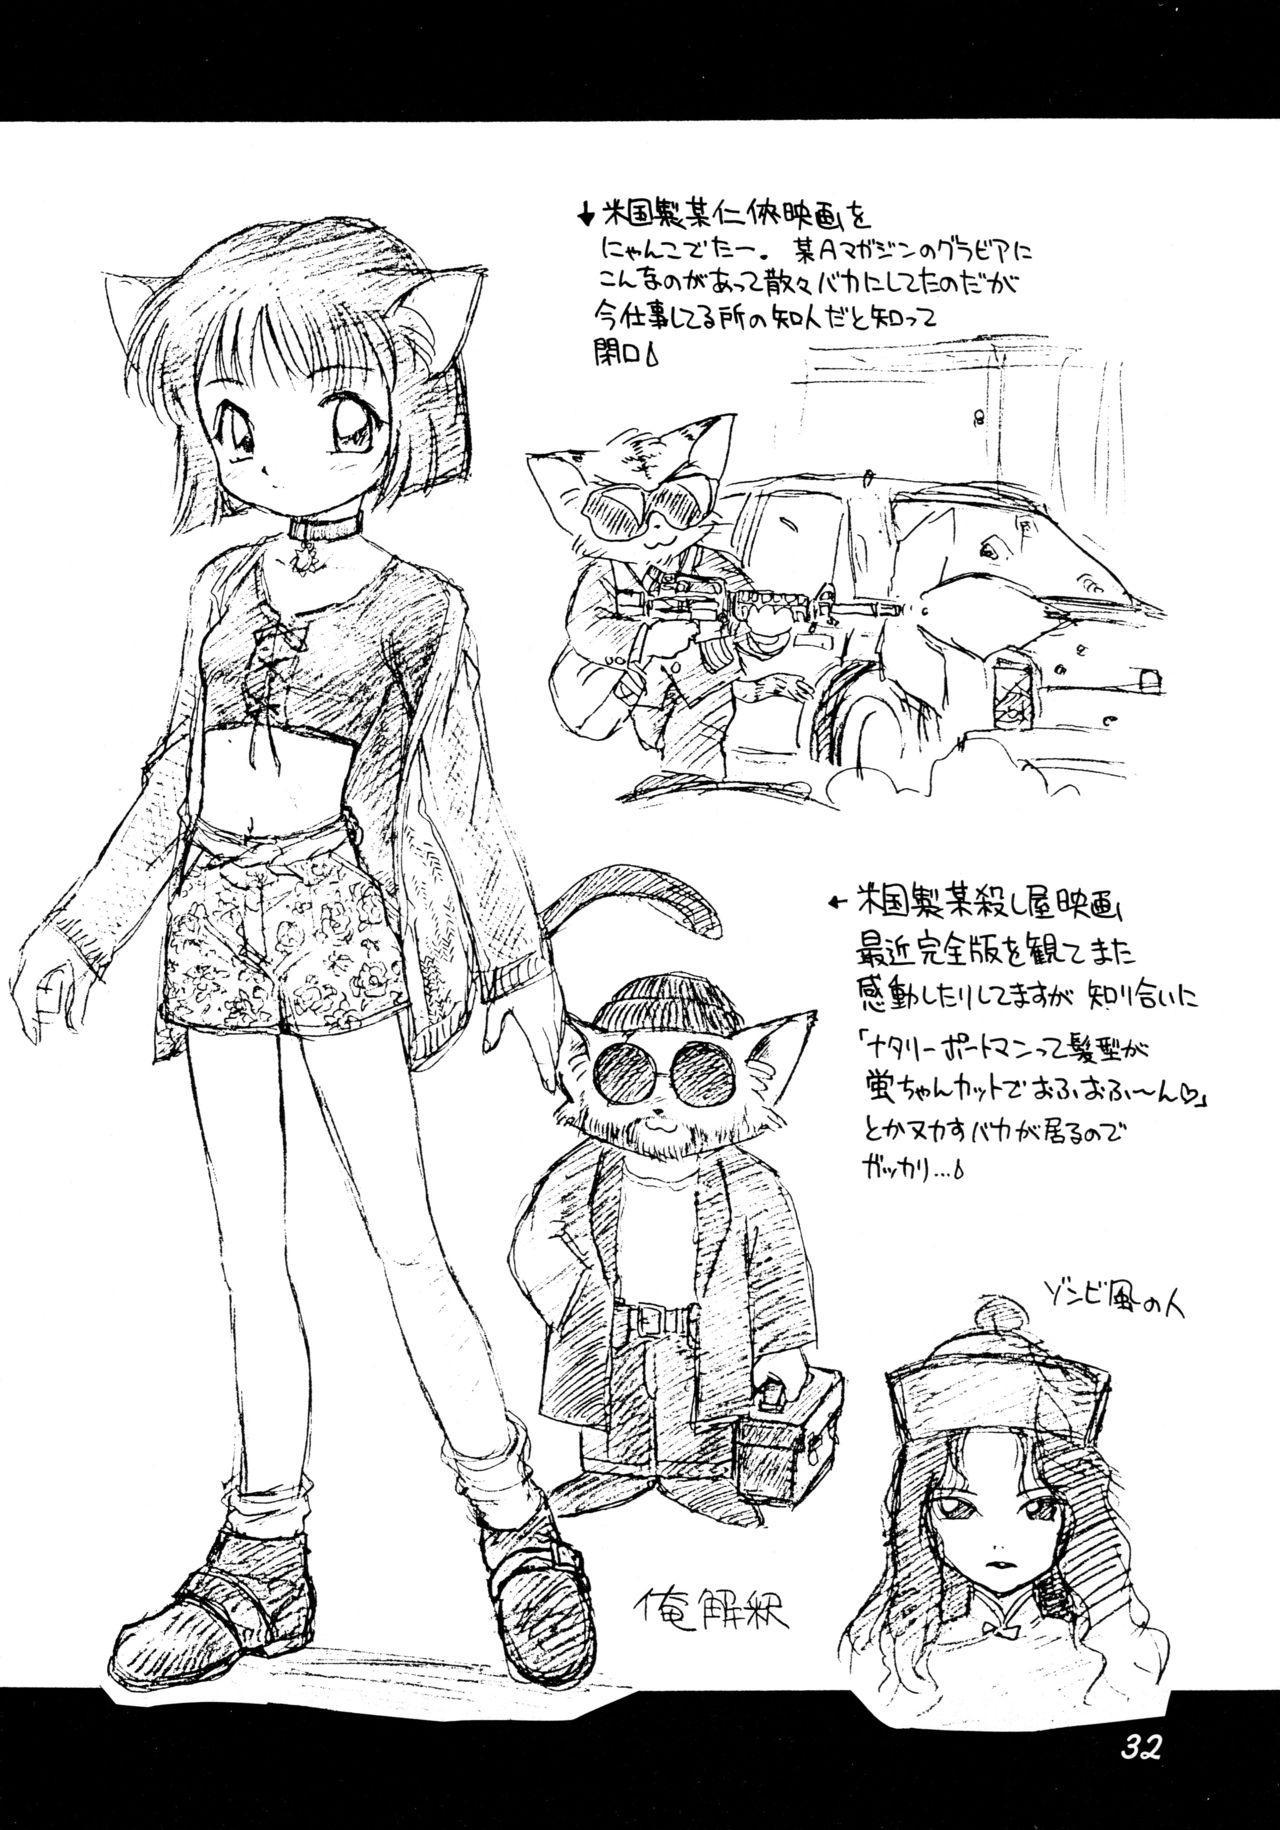 Uwasa no Neko Shuukai 31